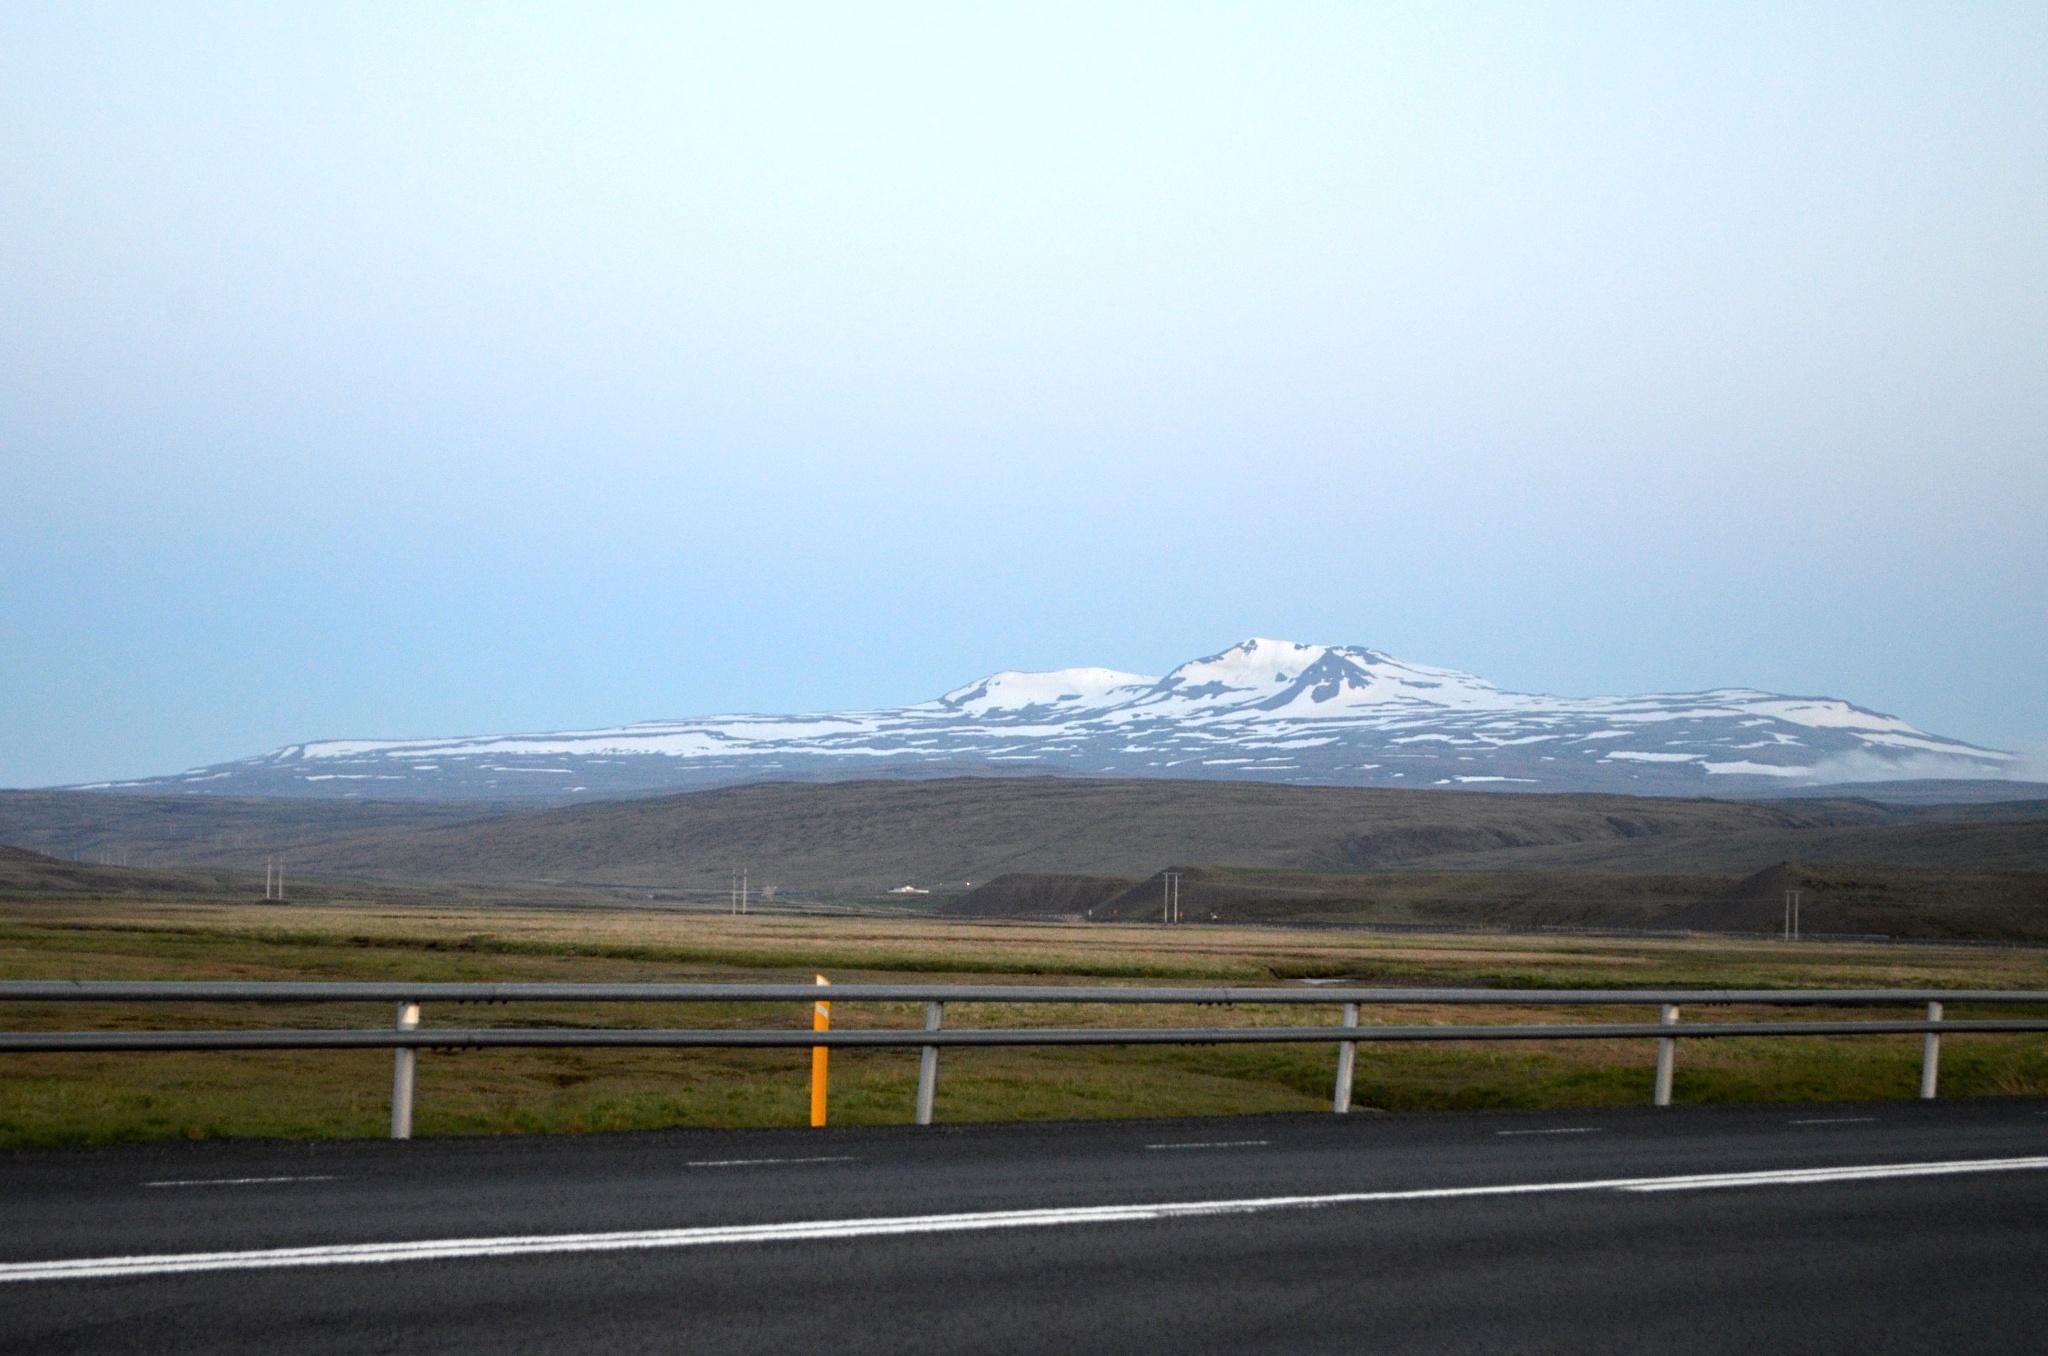 Ledovec na obzoru